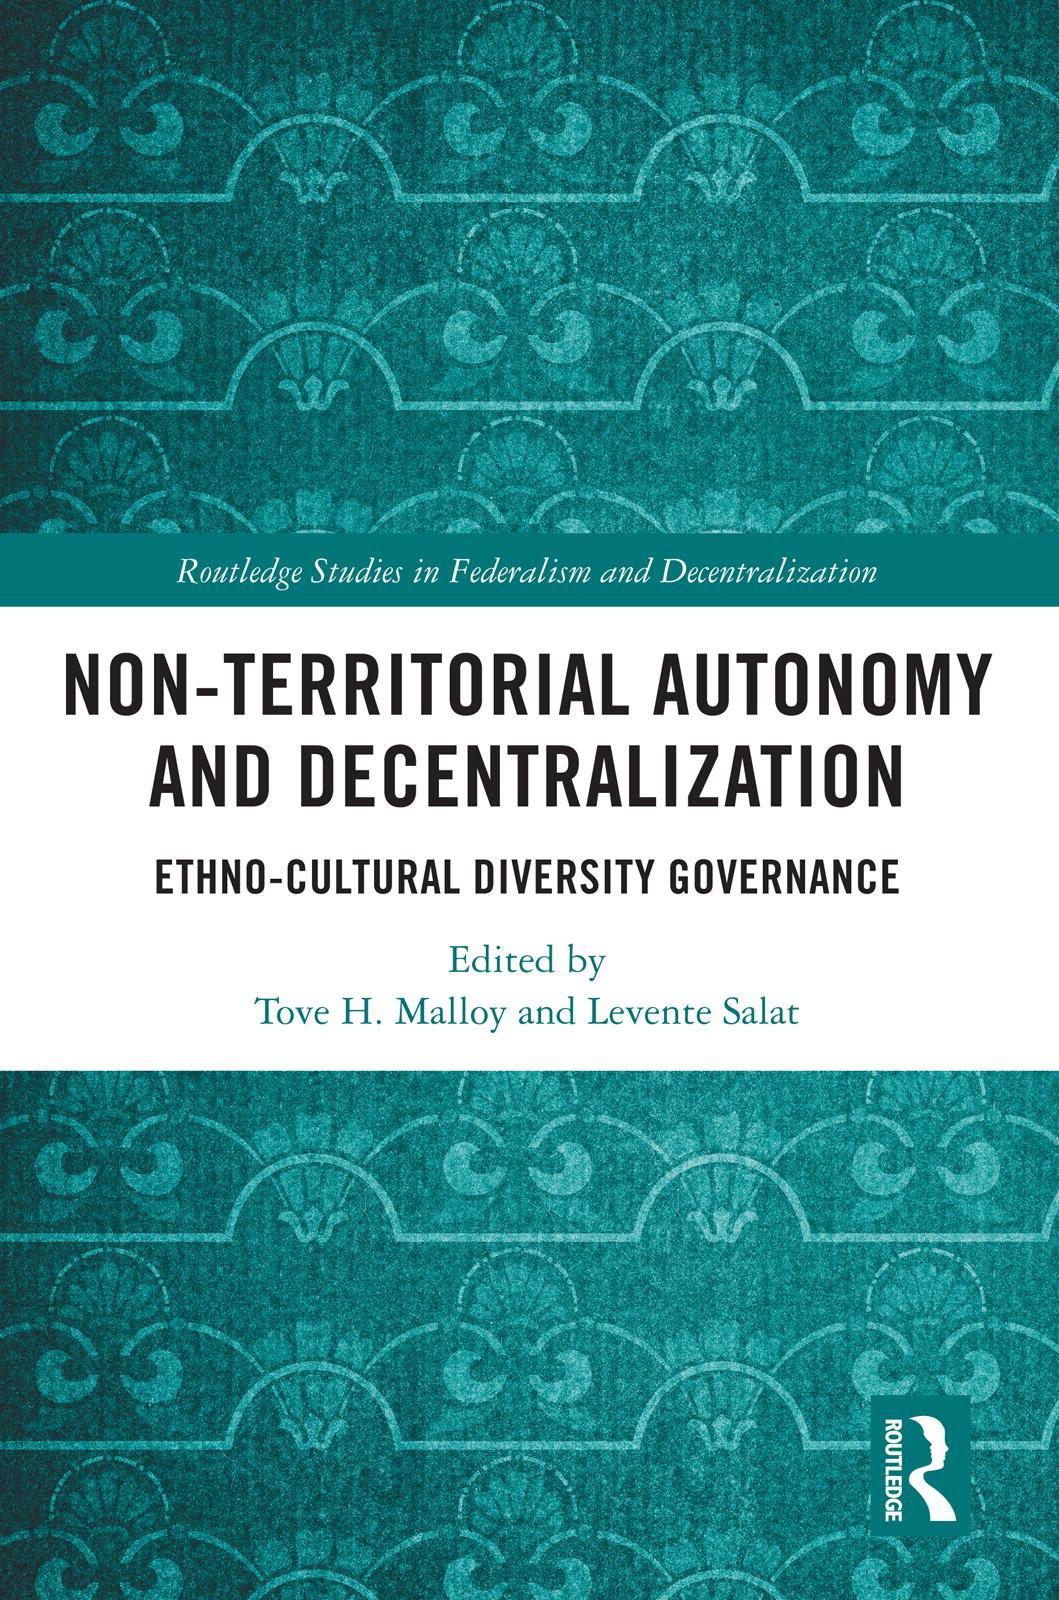 Non-Territorial Autonomy and Decentralization